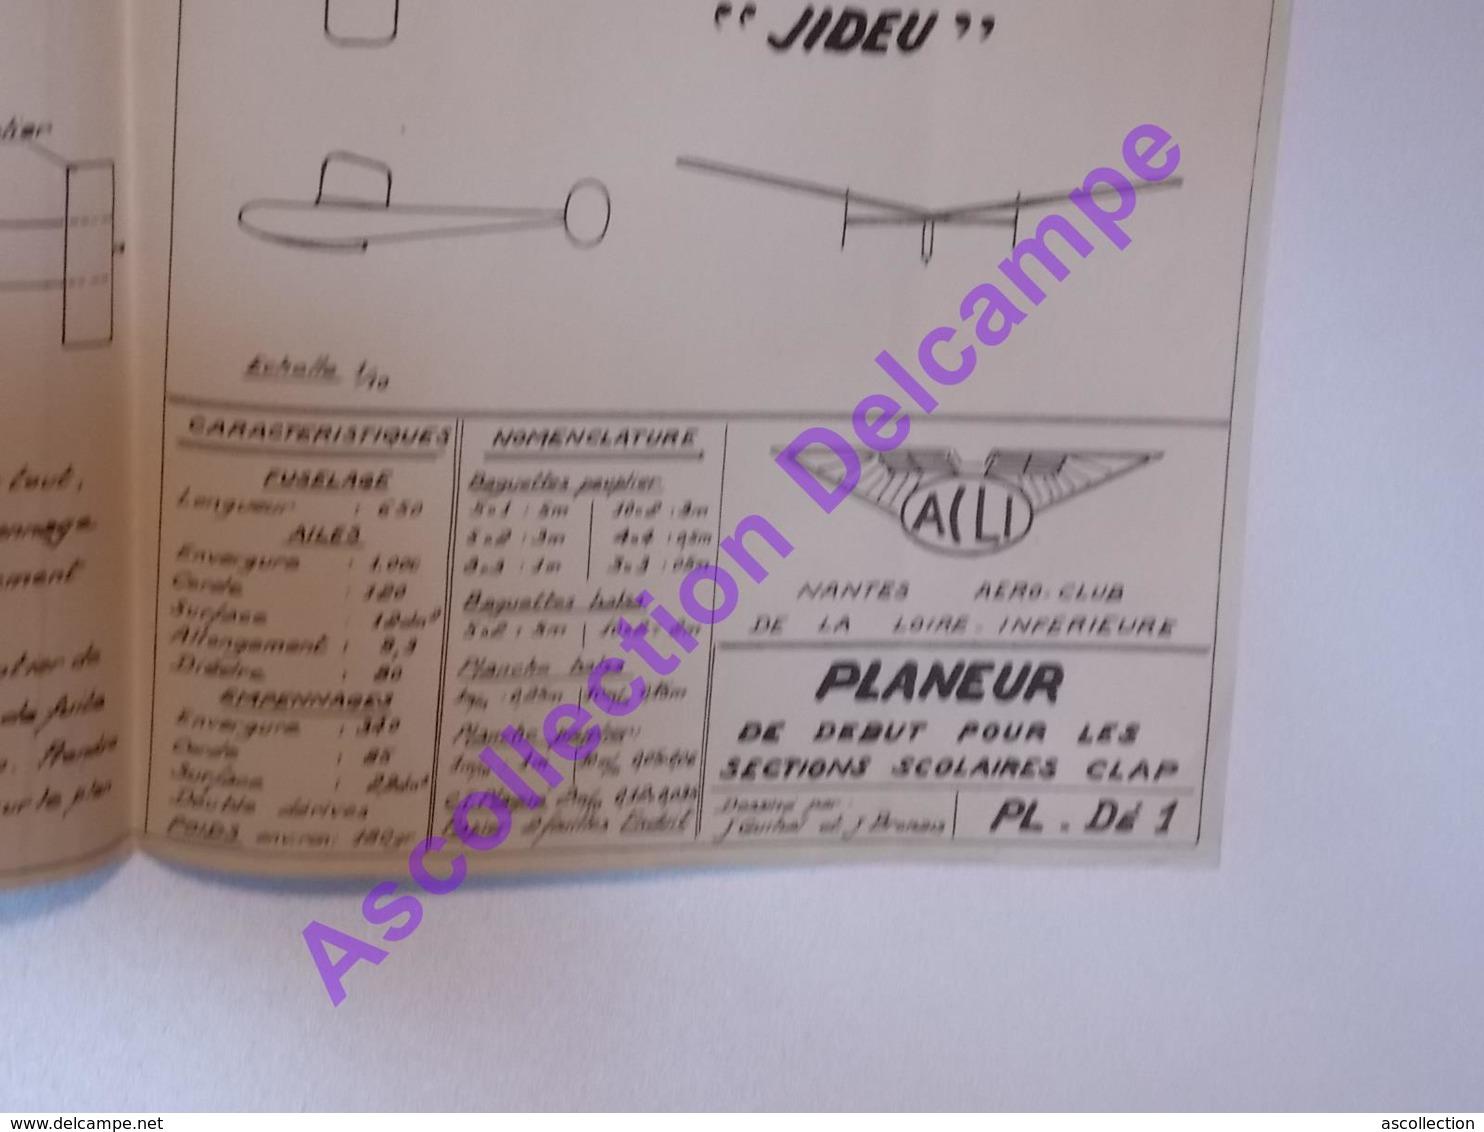 Plan Aeromodelisme Maquette Avion Planeur Planeur De Debut Section Scolaires Jideu - Avions